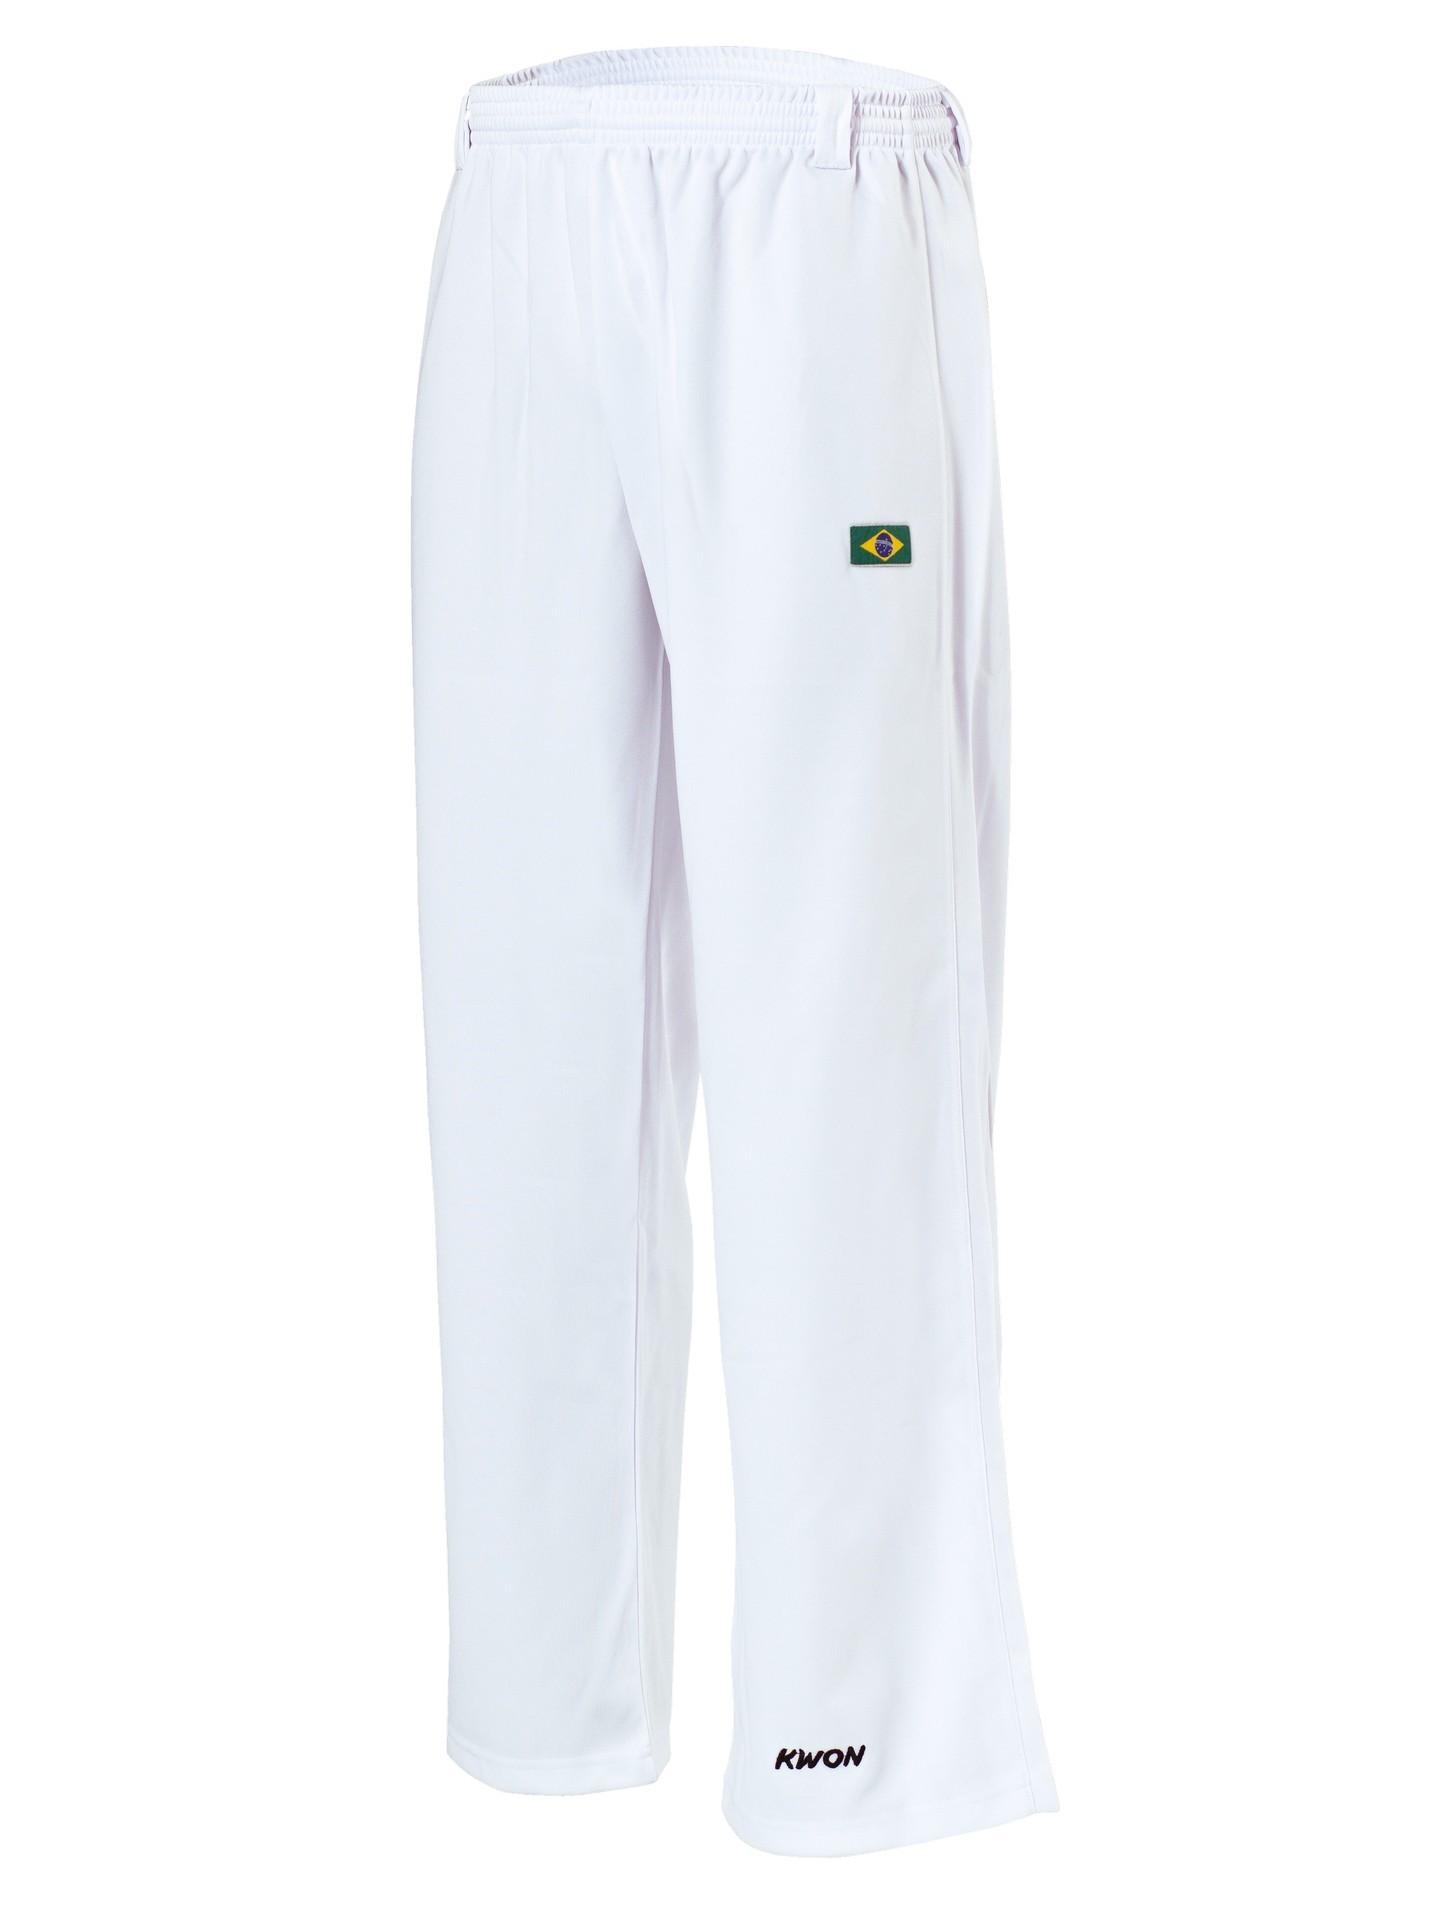 Capoeira kelnės baltos